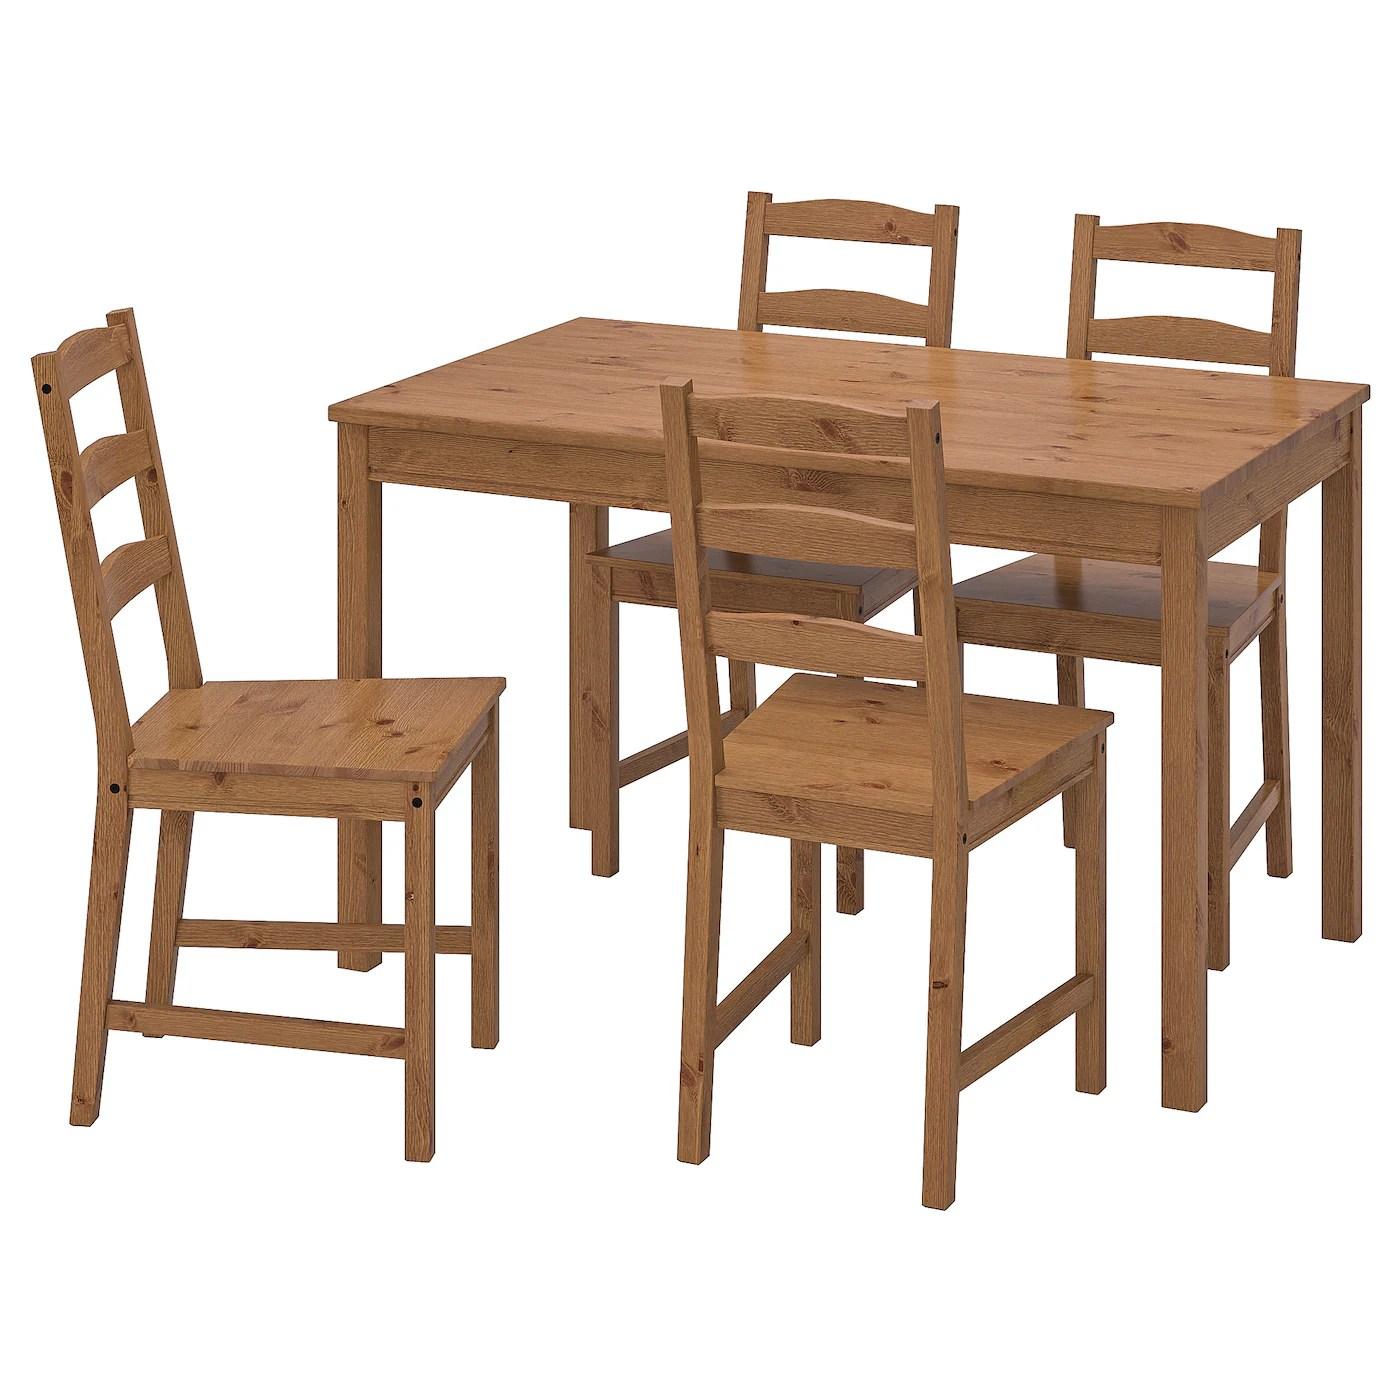 Allo stesso modo, vedrai tavole rotonde e tutti i tipi di forme. Jokkmokk Tavolo E 4 Sedie Mordente Anticato Ikea Svizzera